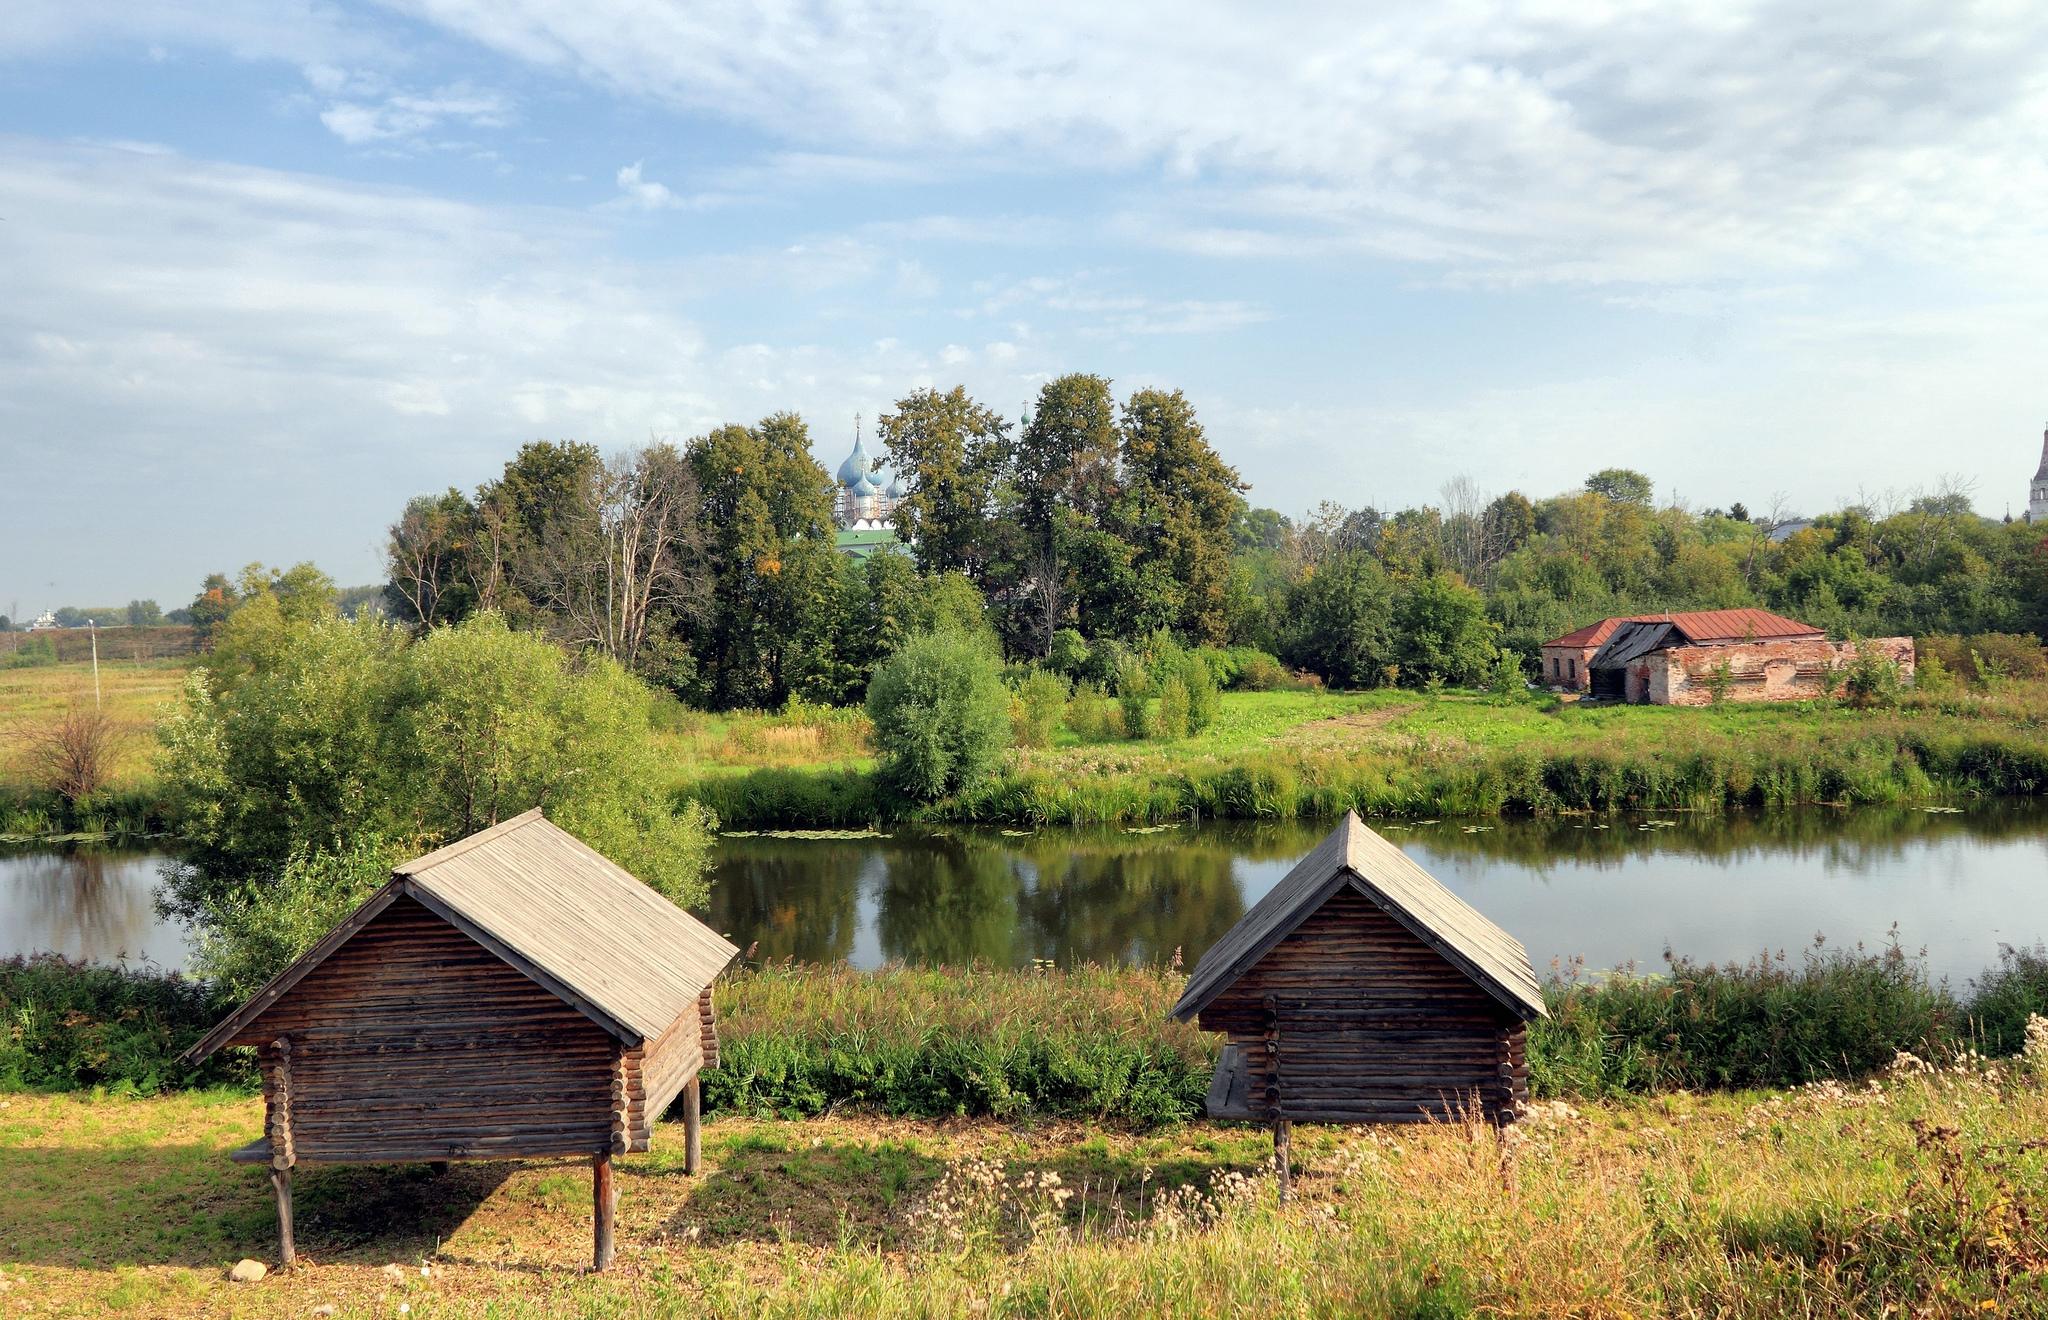 Музей деревянного зодчества в Суздале, амбары на сваях